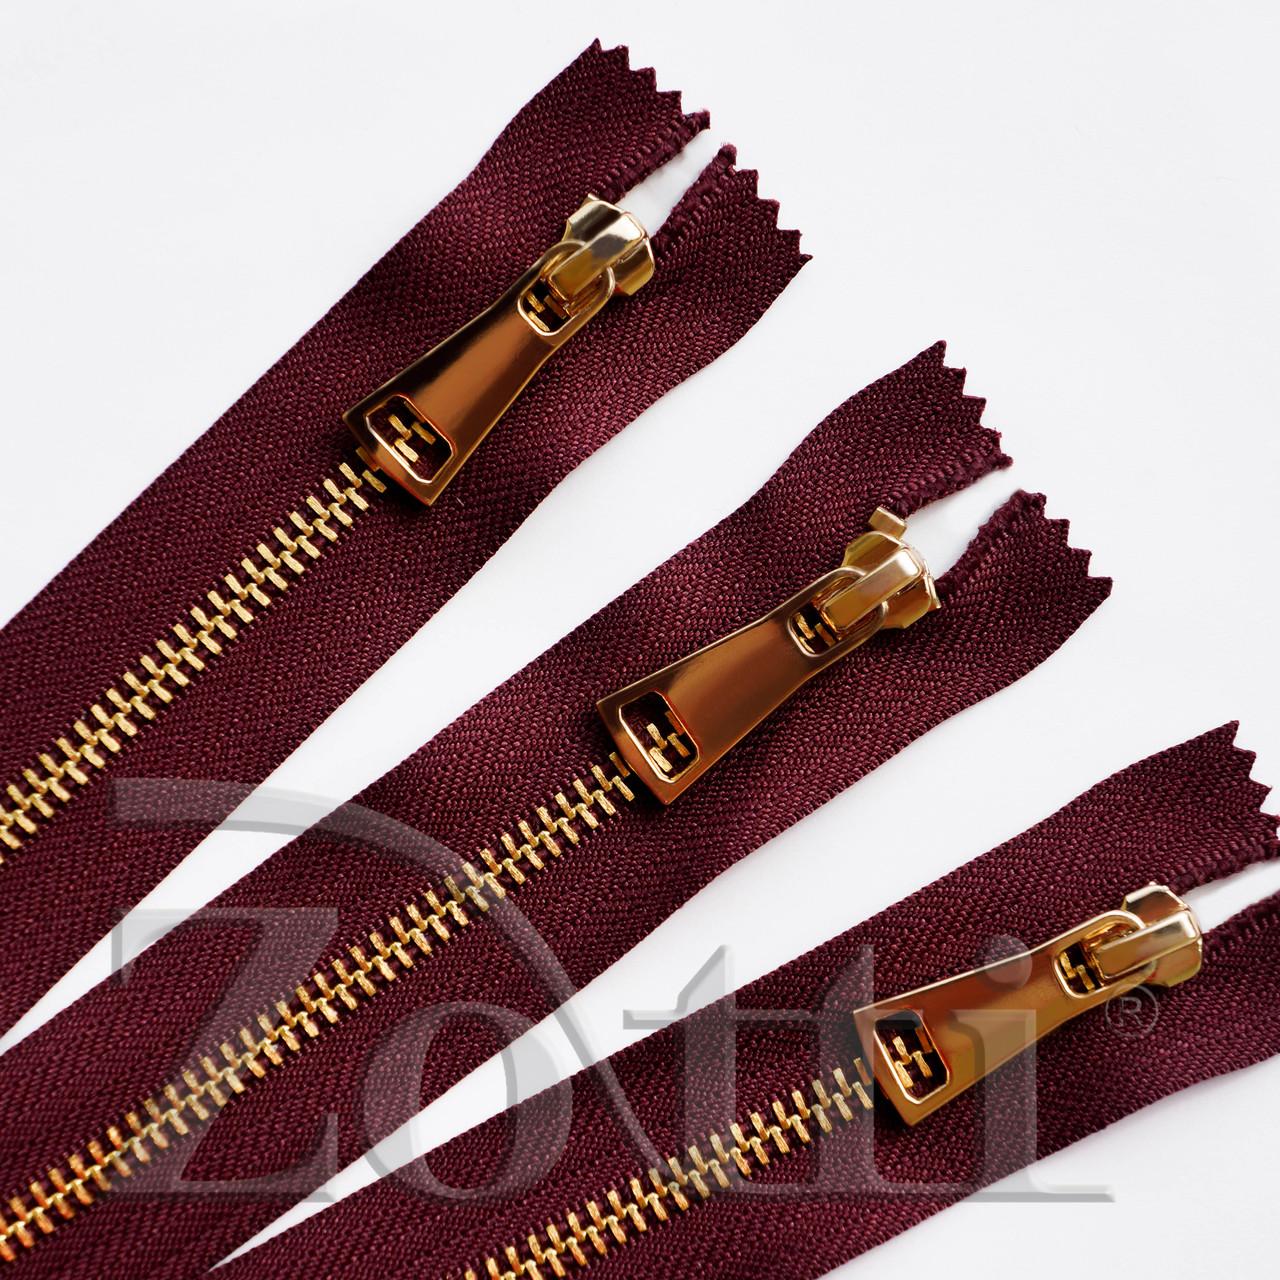 Молния (змейка,застежка) металлическая №5, размерная, обувная, бордовая, с золотым бегунком № 115 - 40 см